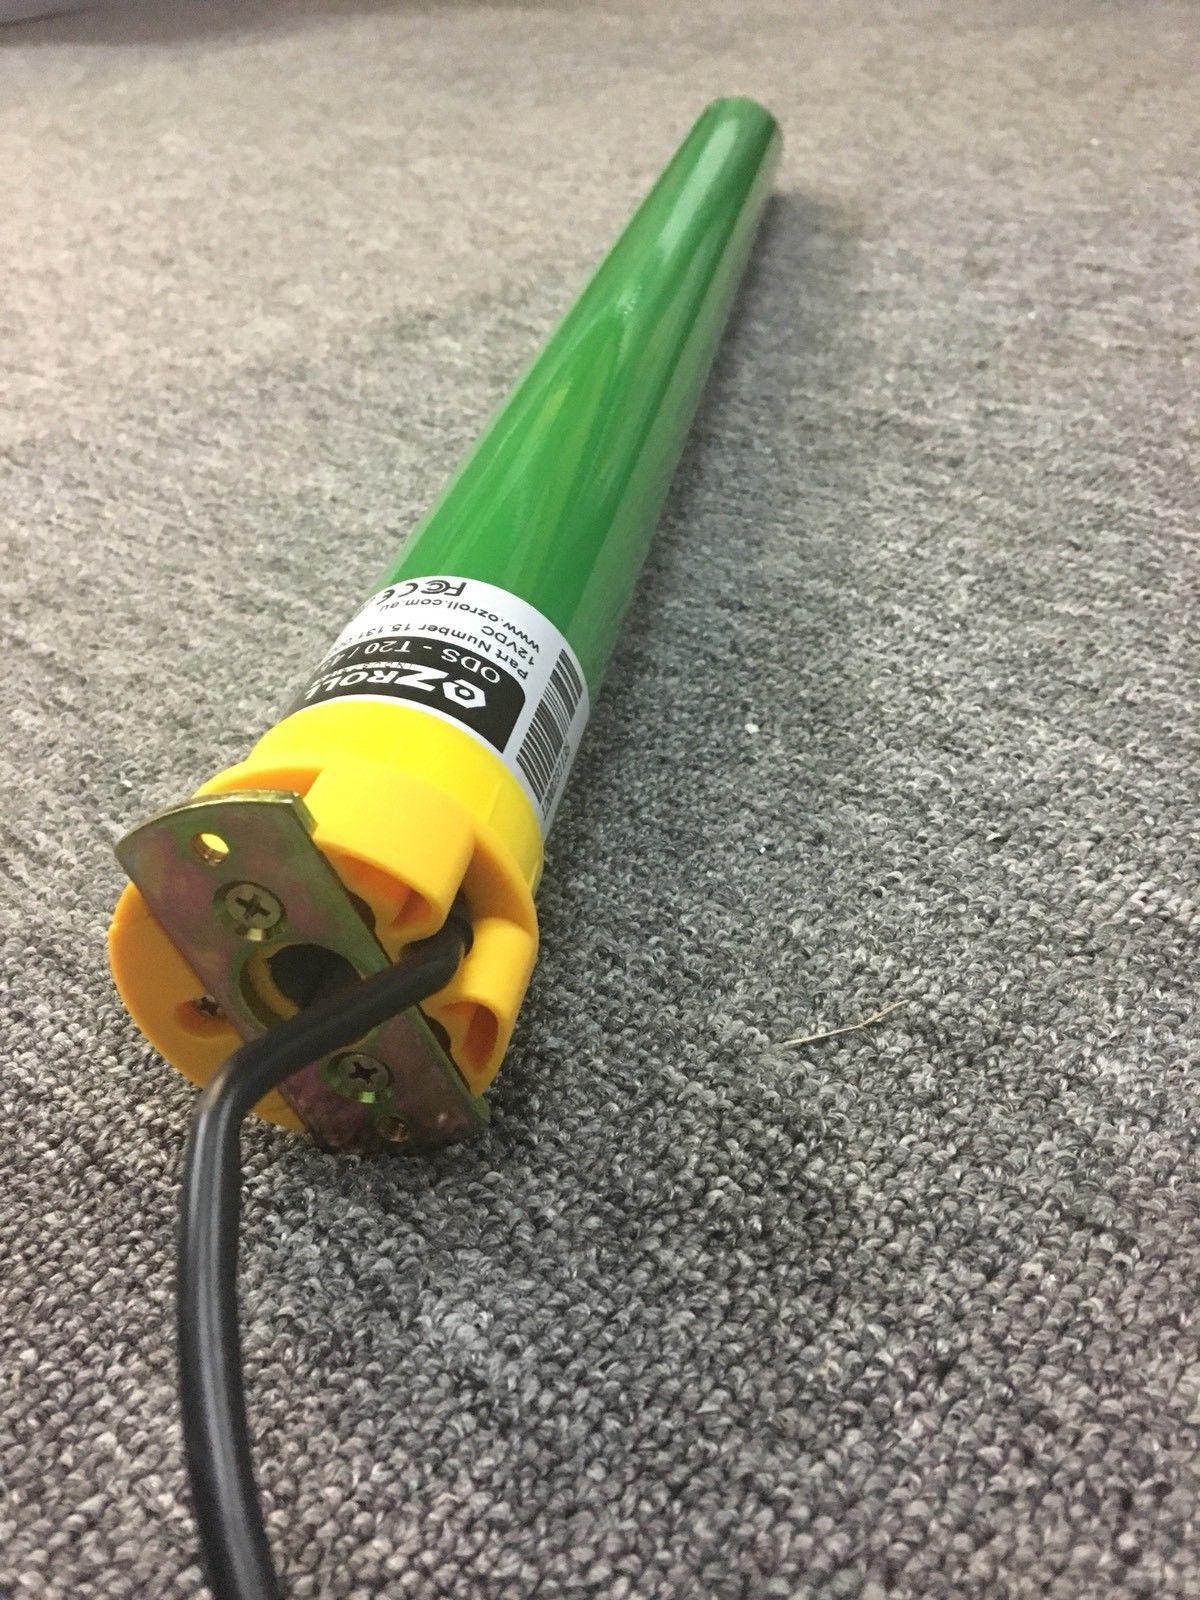 Ods T20 Tubular Motor For Roller Shutter Upgrade The L 10 Mech